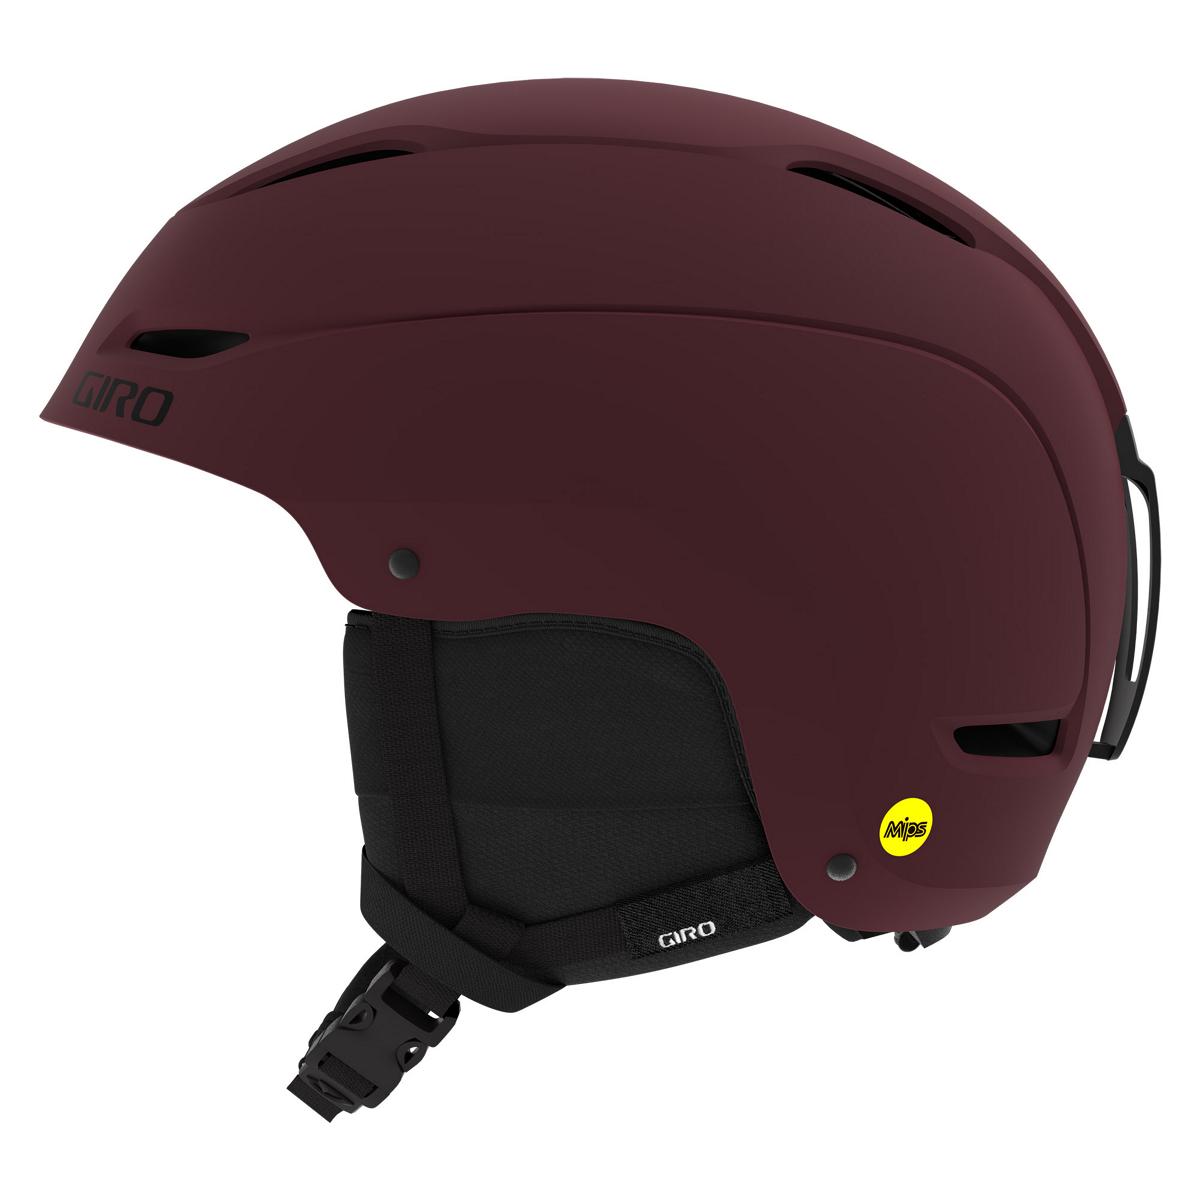 Giro Ratio MIPS Helmet - Matte Oxide Red